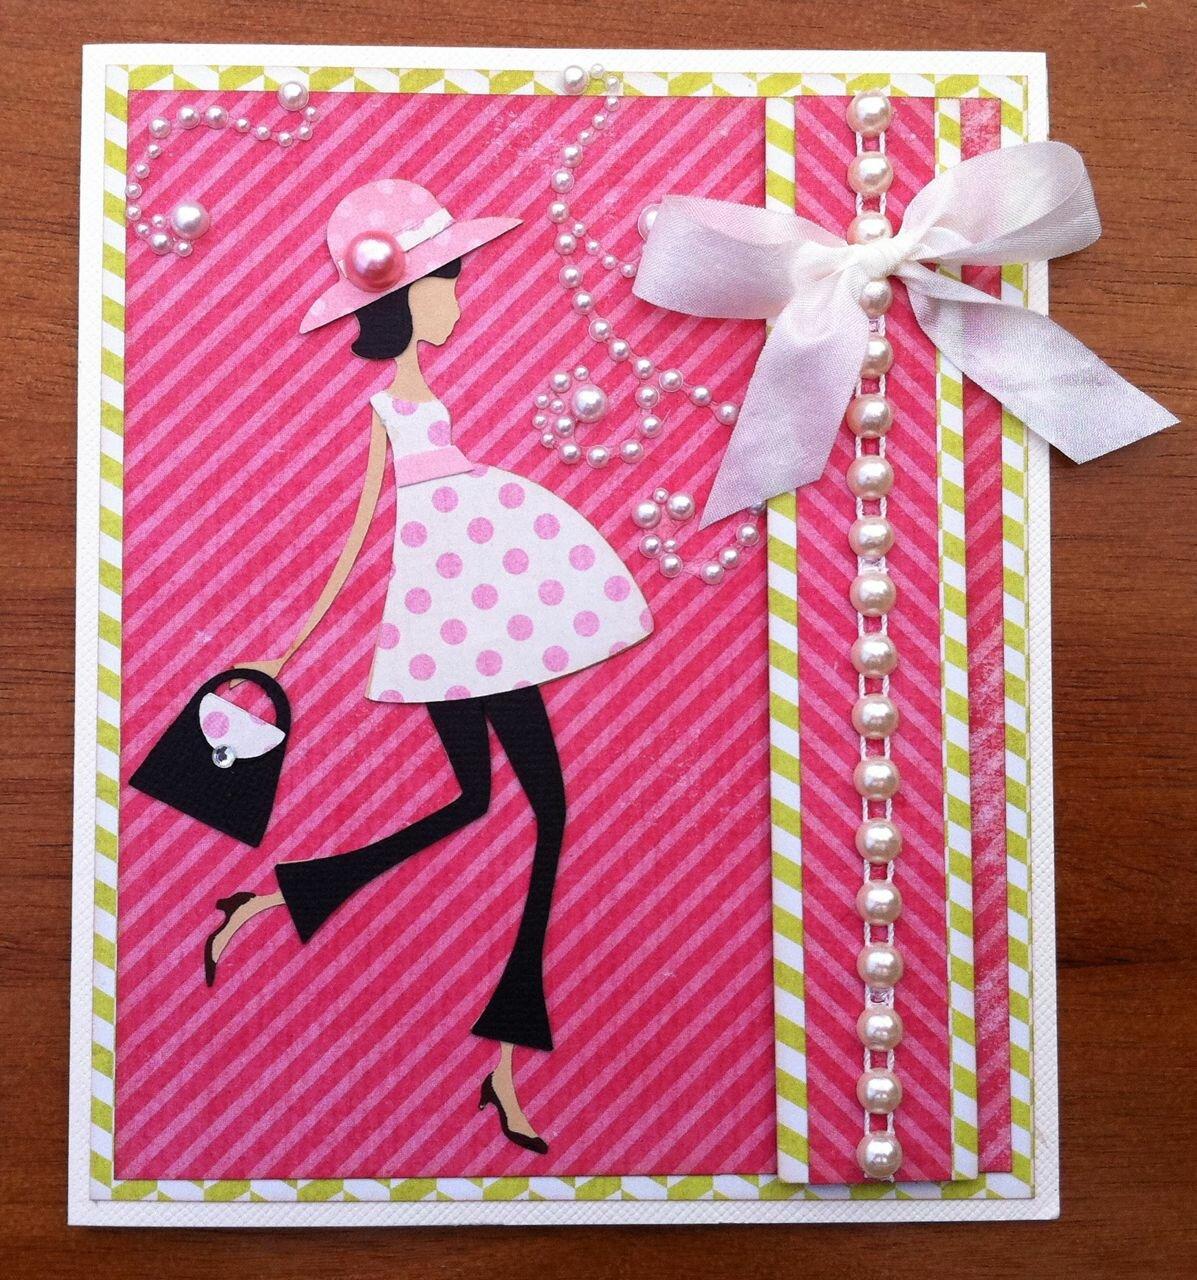 Как сделать открытку на день рождения сестре 5 лет